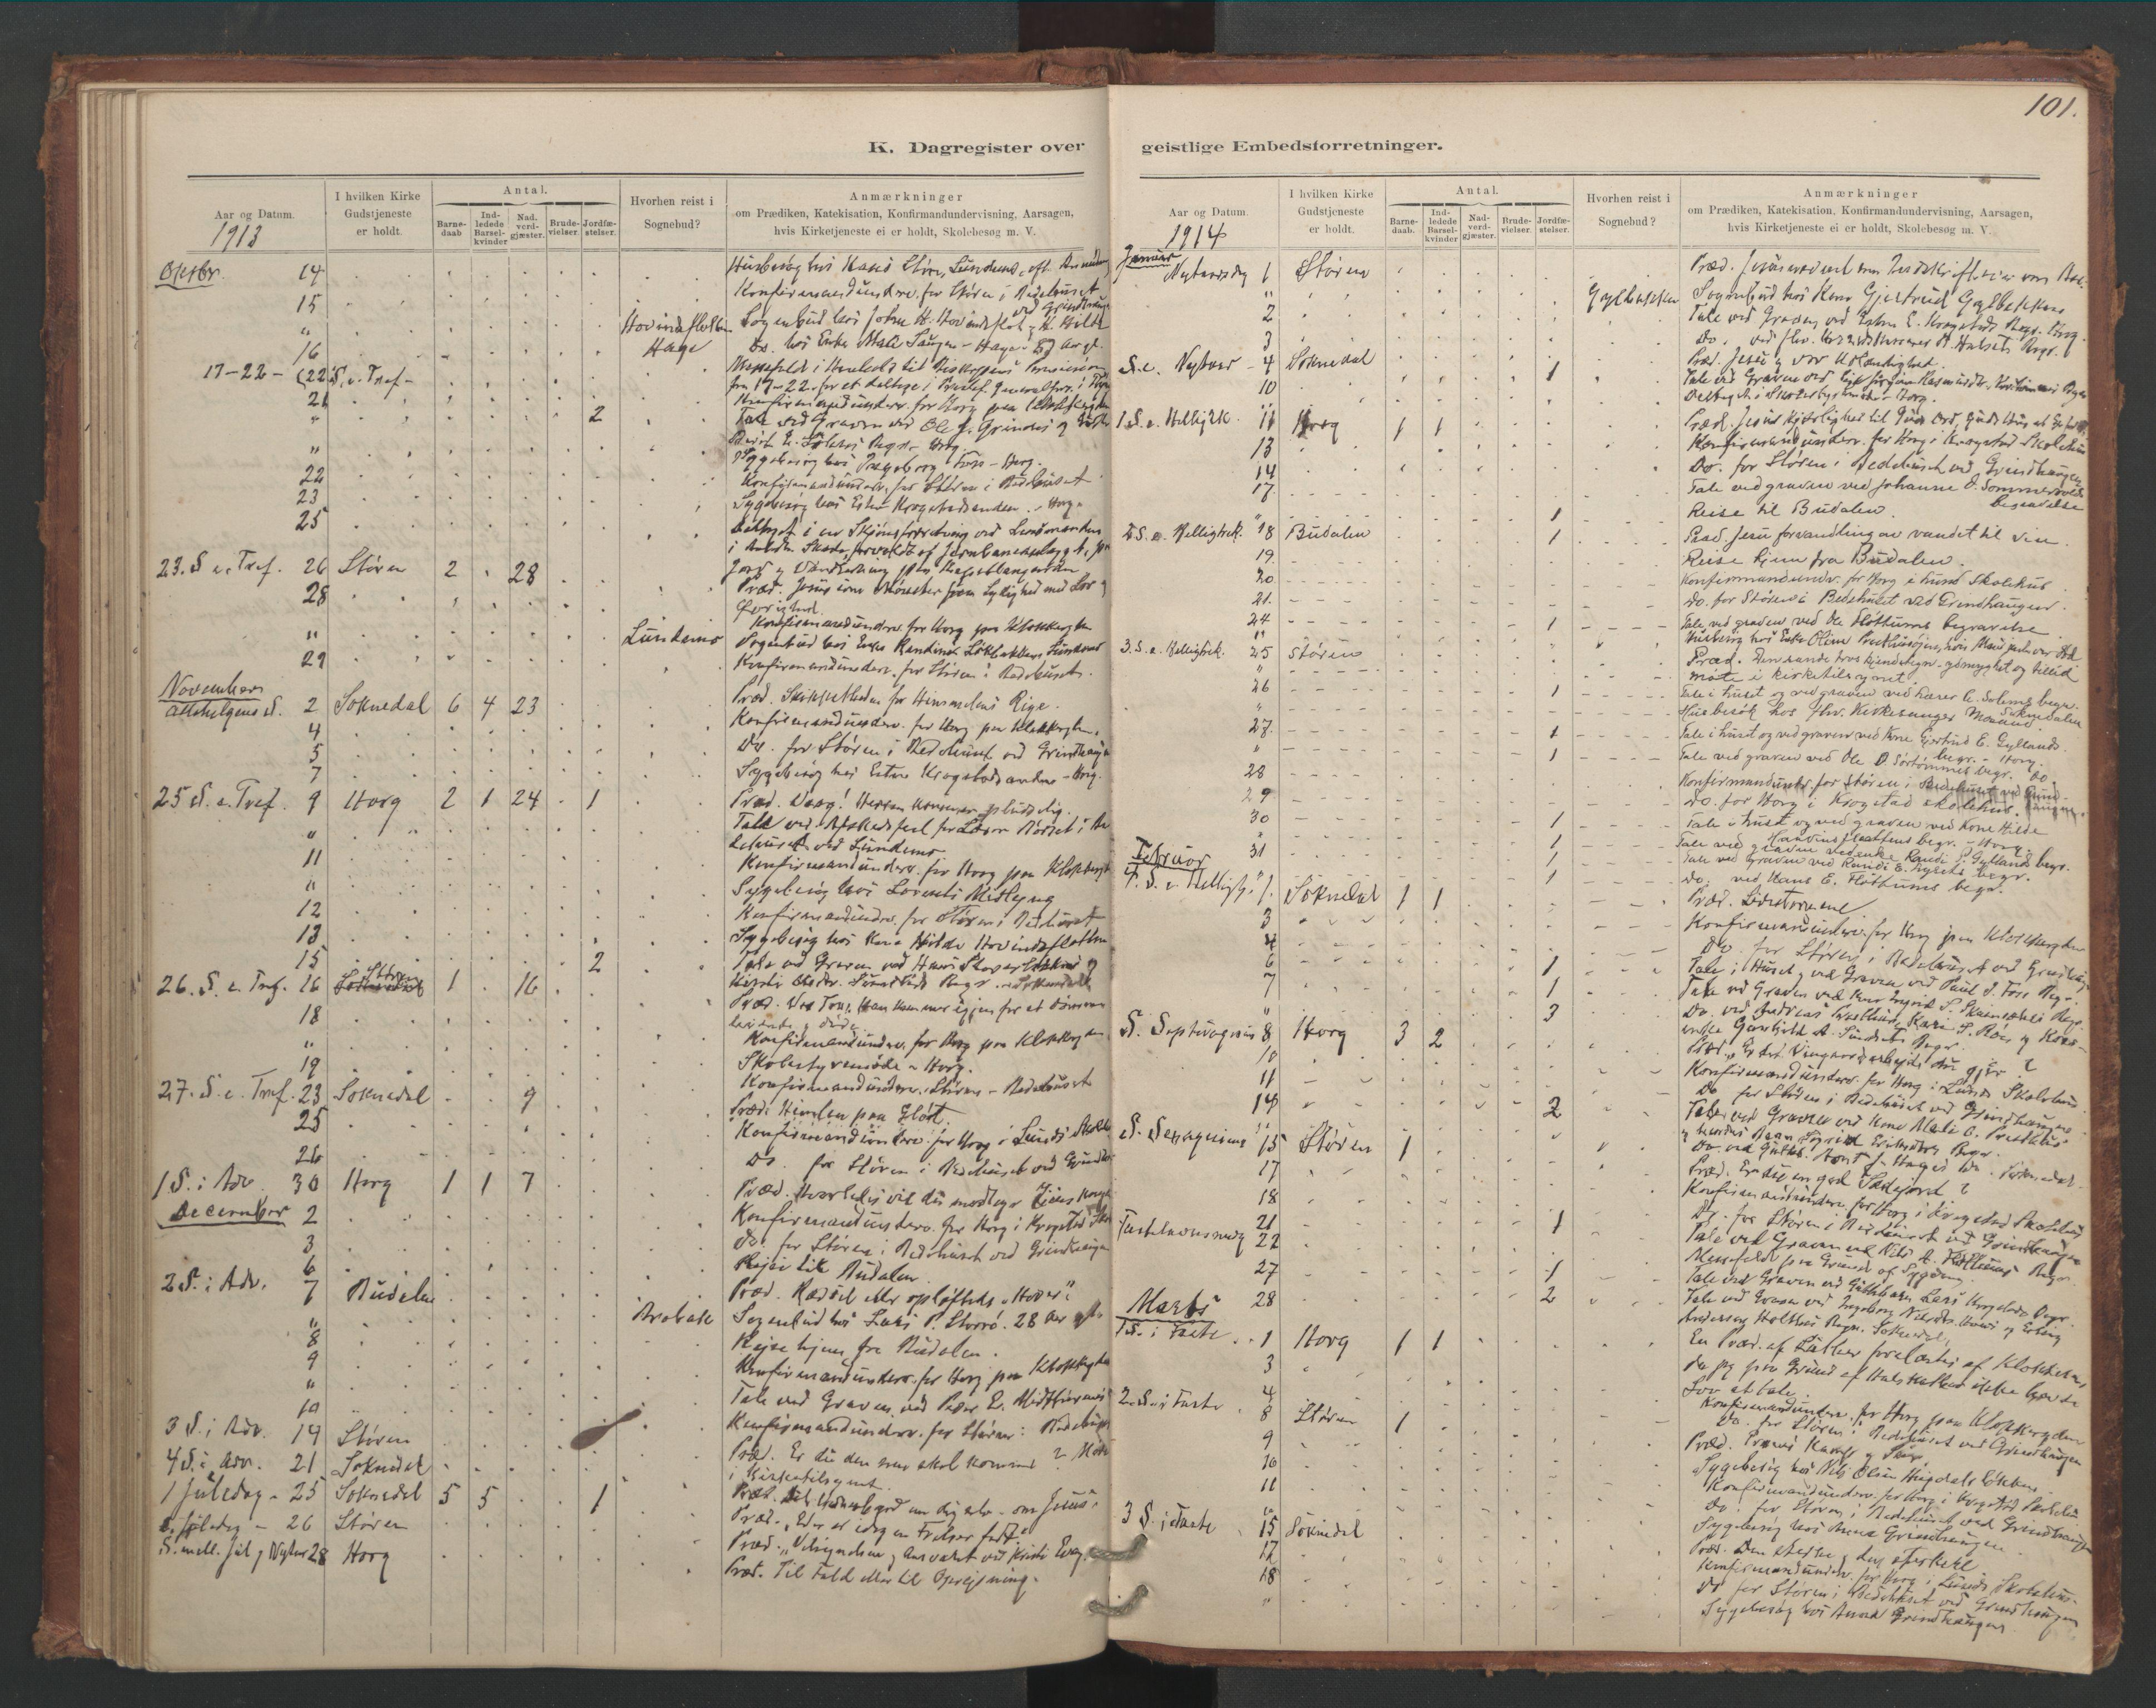 SAT, Ministerialprotokoller, klokkerbøker og fødselsregistre - Sør-Trøndelag, 687/L1012: Dagregister nr. 687B01, 1887-1914, s. 101